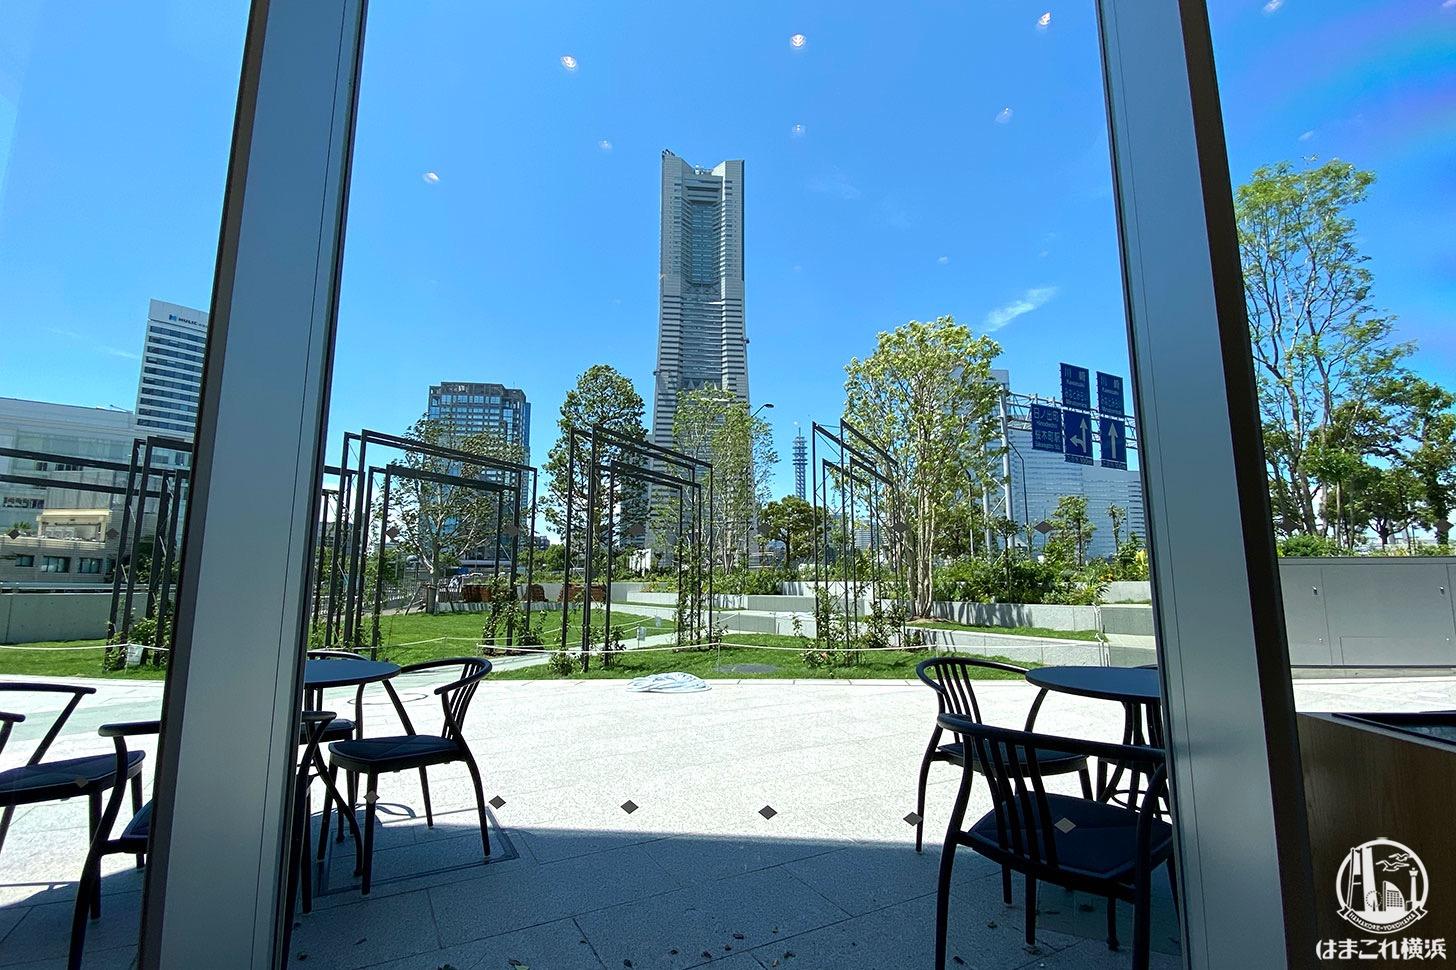 スターバックス 横浜市役所 ラクシス フロント店 席から見た横浜ランドマークタワー